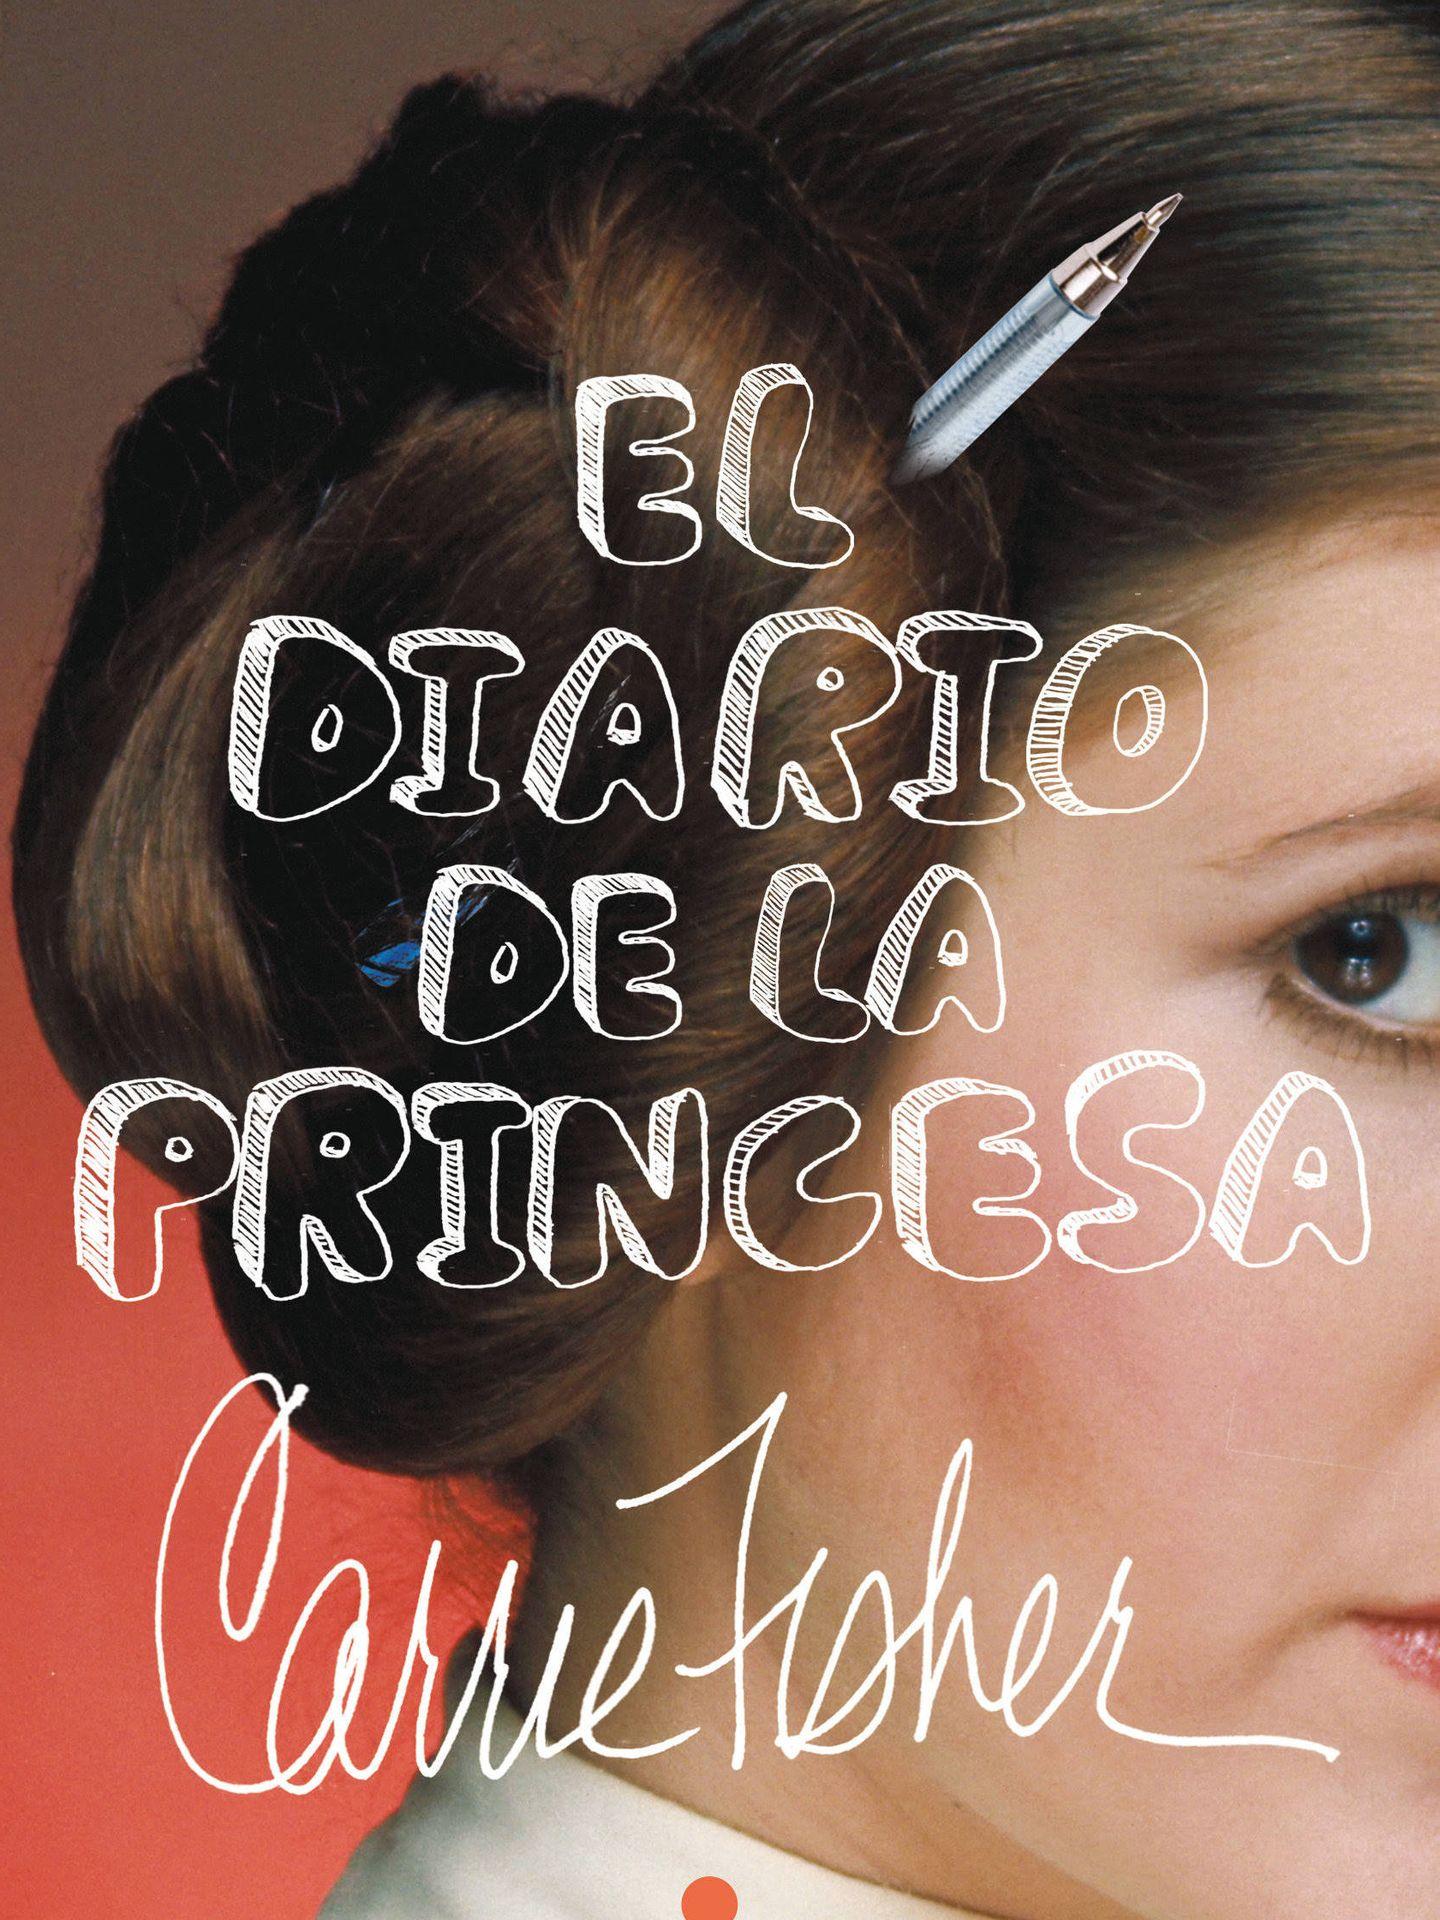 'El diario de una princesa', de Carrie Fisher (Nova)